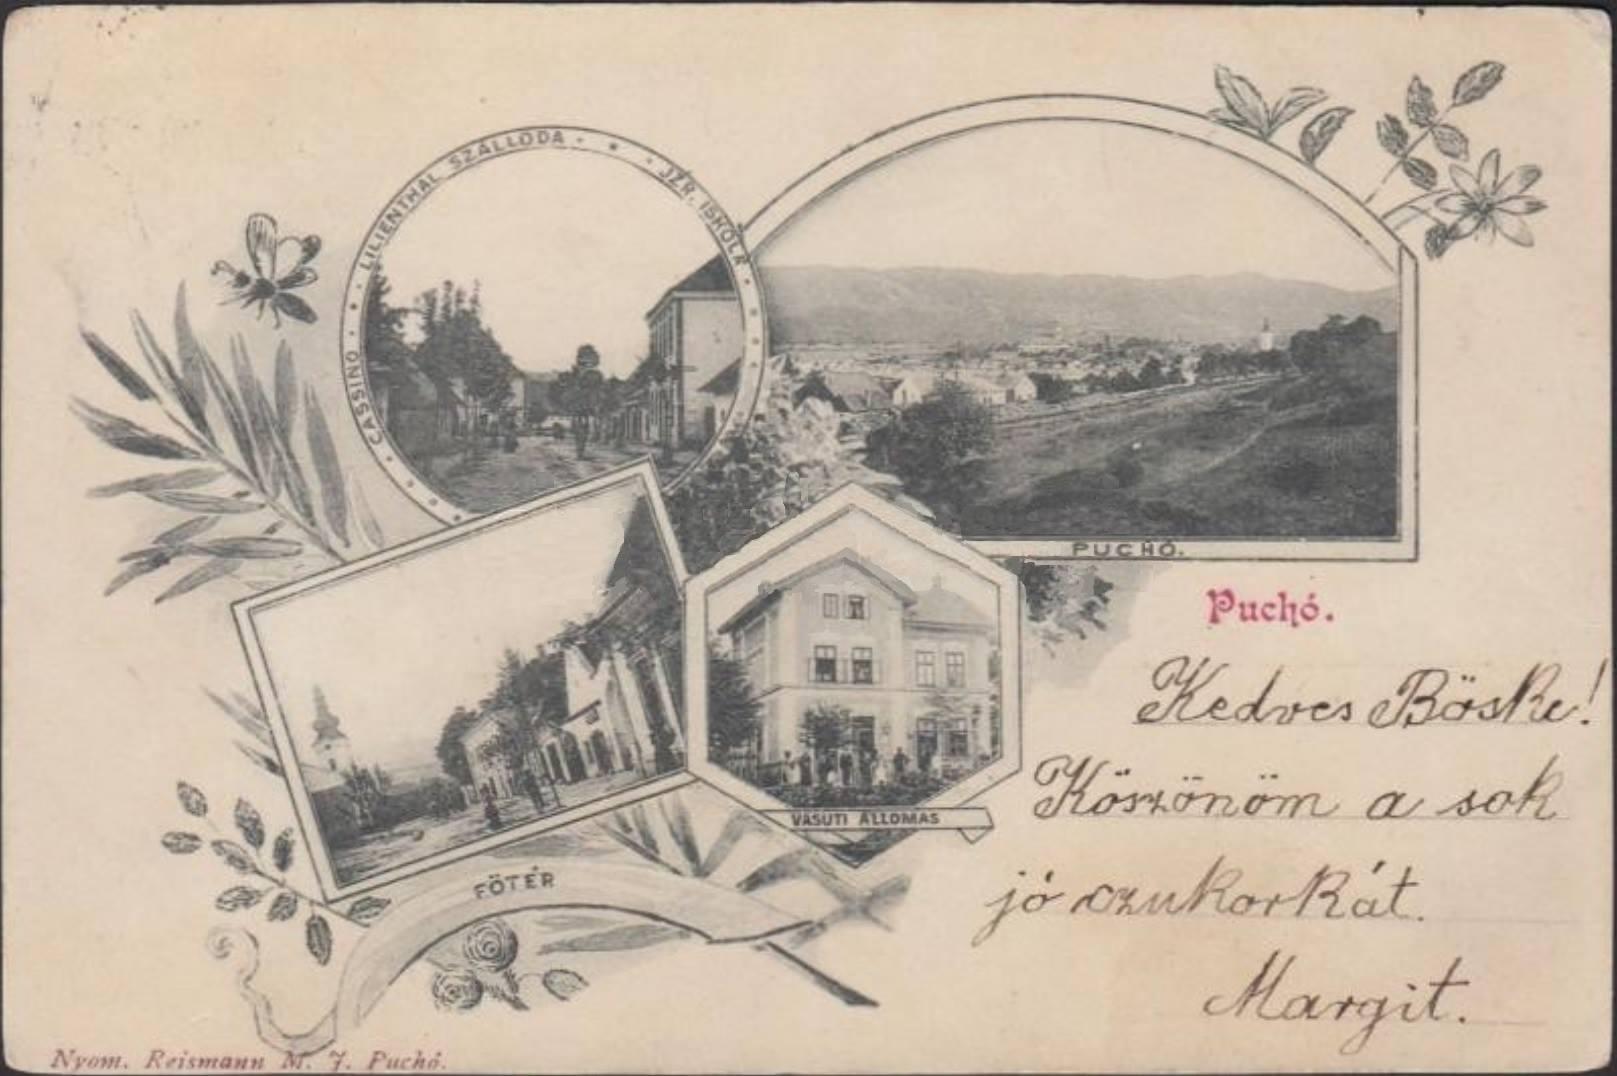 Pohľadnica Púchova poslaná na prelome 19. a 20. storočia od Margity Božke :) Vľavo v kruhu Moravská ulica so židovskou školou a hotelom Lilienthal, pod ním v obdlžníku Námestie slobody, v šesťuholníku pôvodná železničná stanica a najväčší obrázok zachytil pohľad na Púchov z H. Kočkoviec.